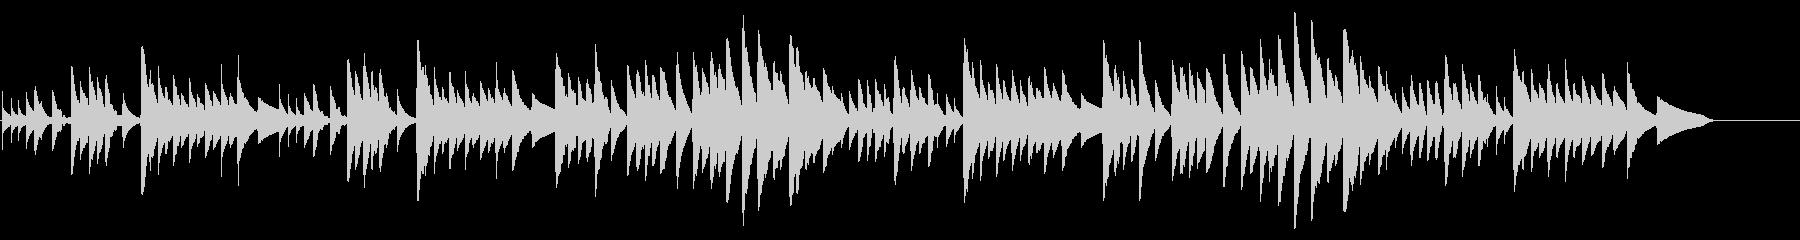 キラキラ星変奏曲(Var Ⅷ)オルゴールの未再生の波形